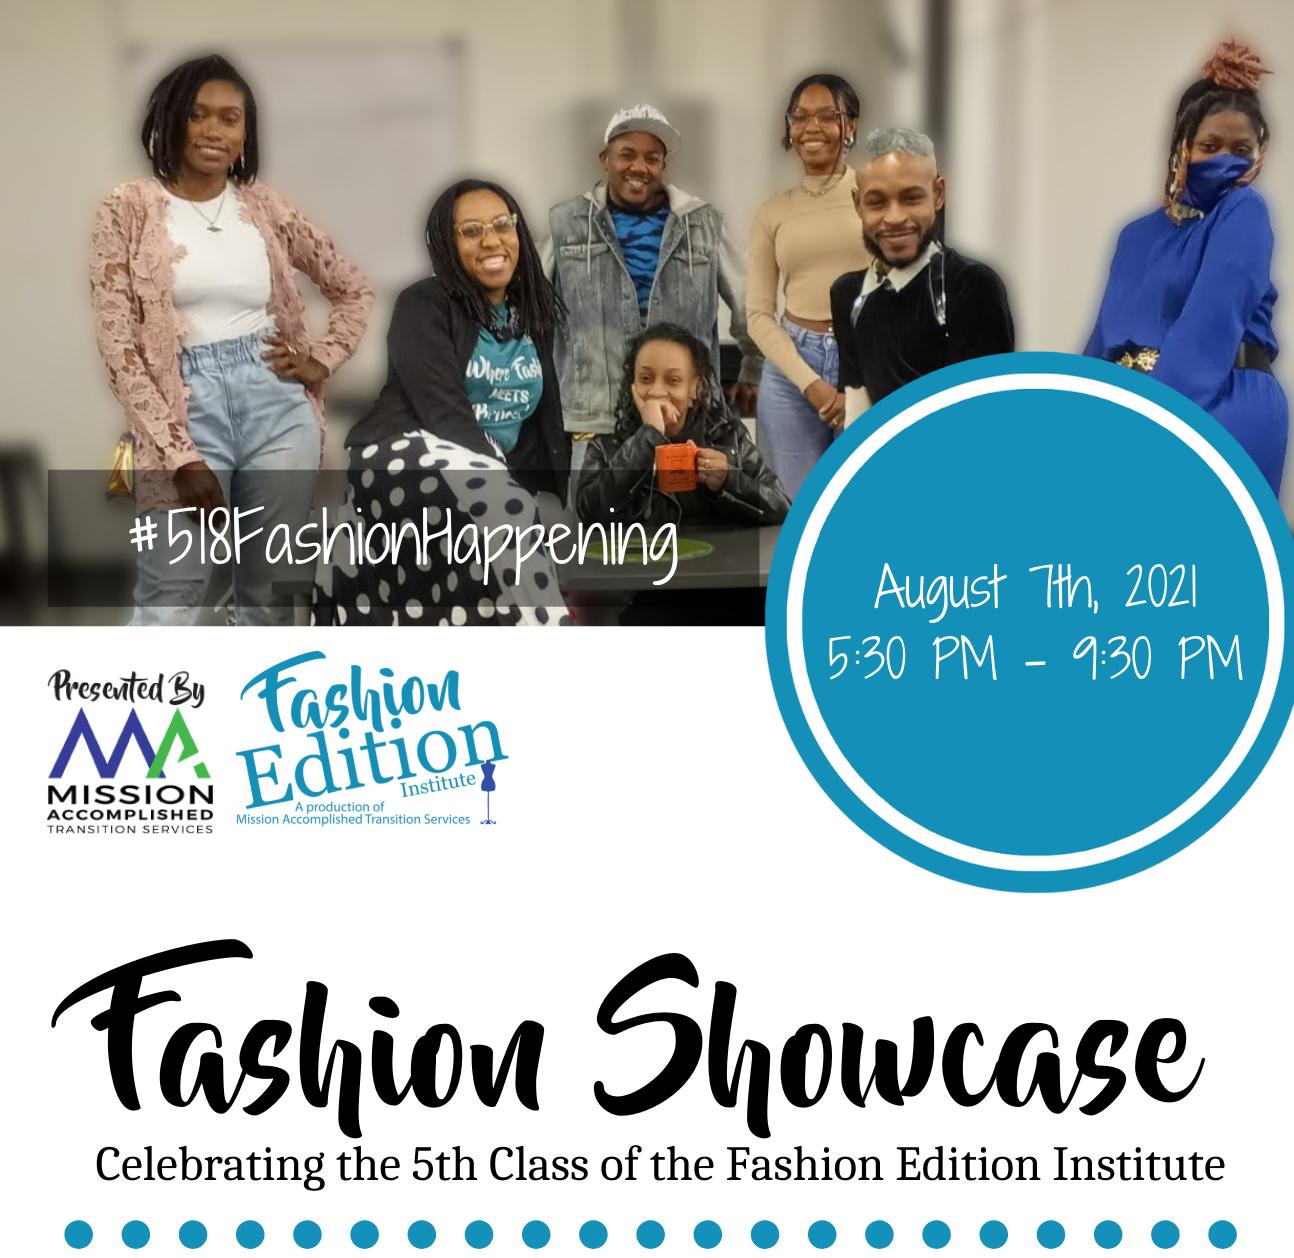 2021 Fashion Showcase Promo Image WOOC